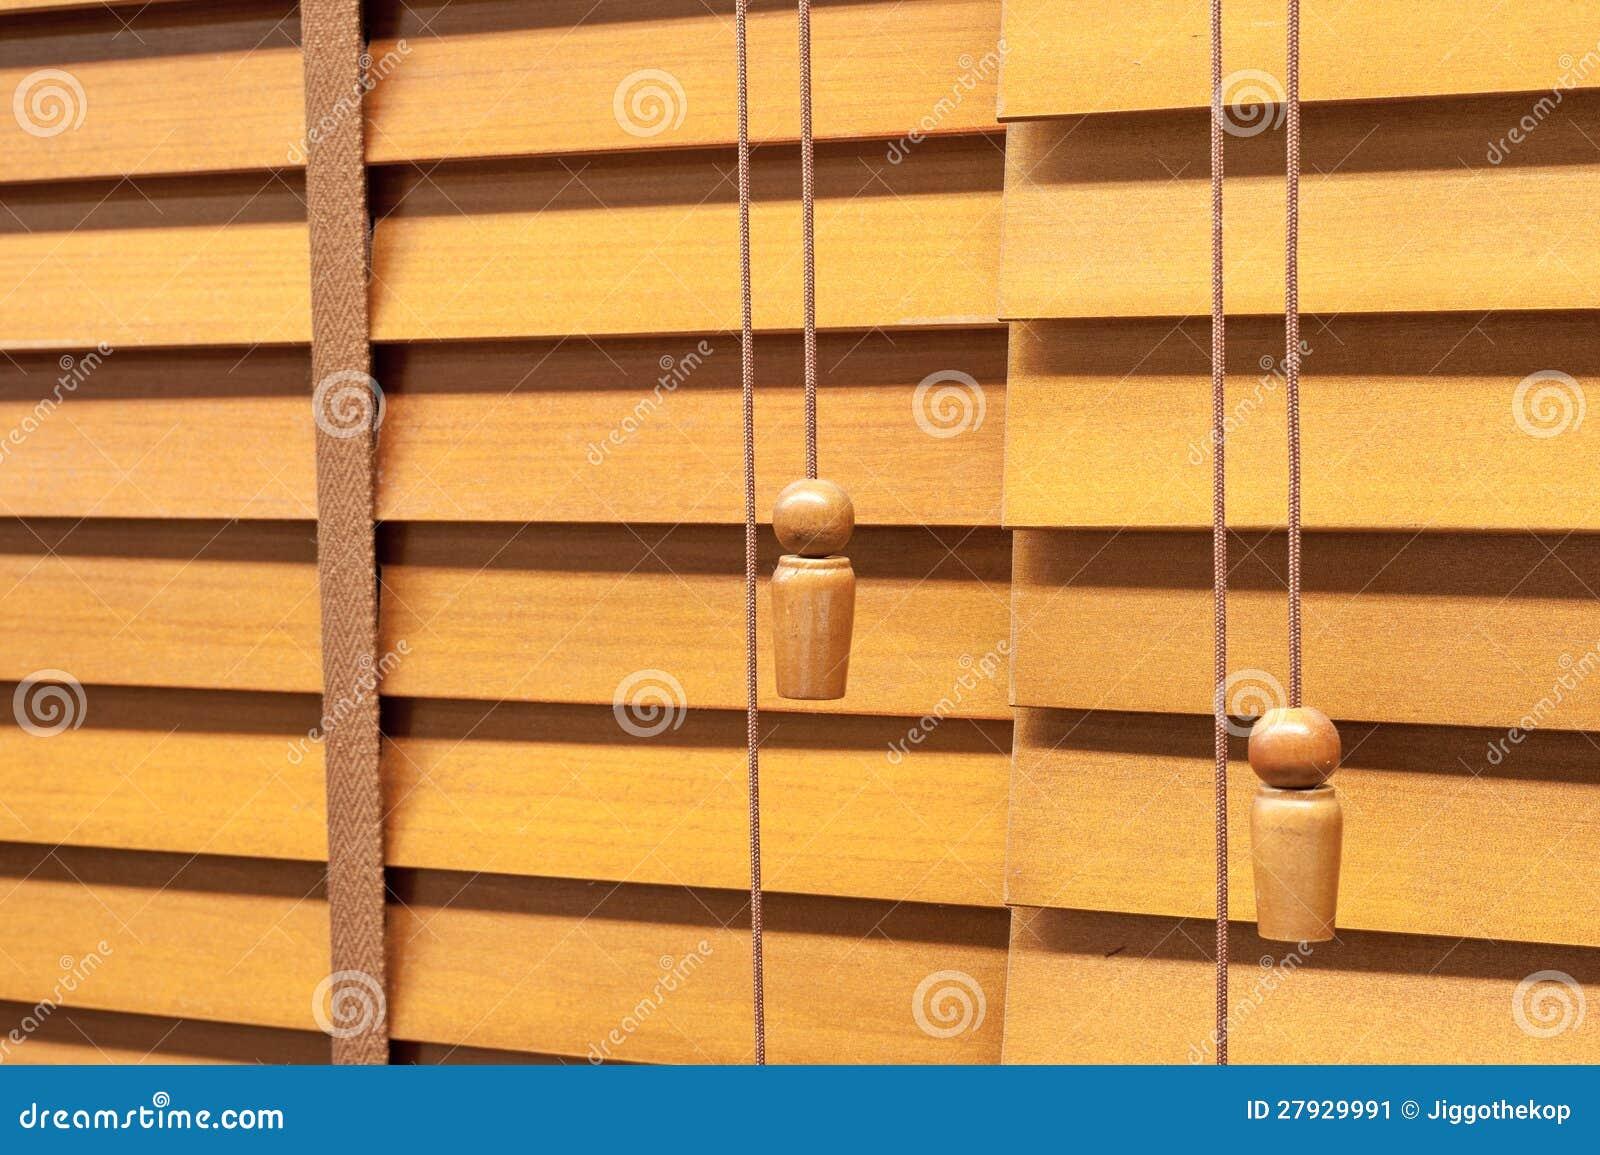 Jalousie horizontale en bois image stock image 27929991 for Fenetre jalousie en bois